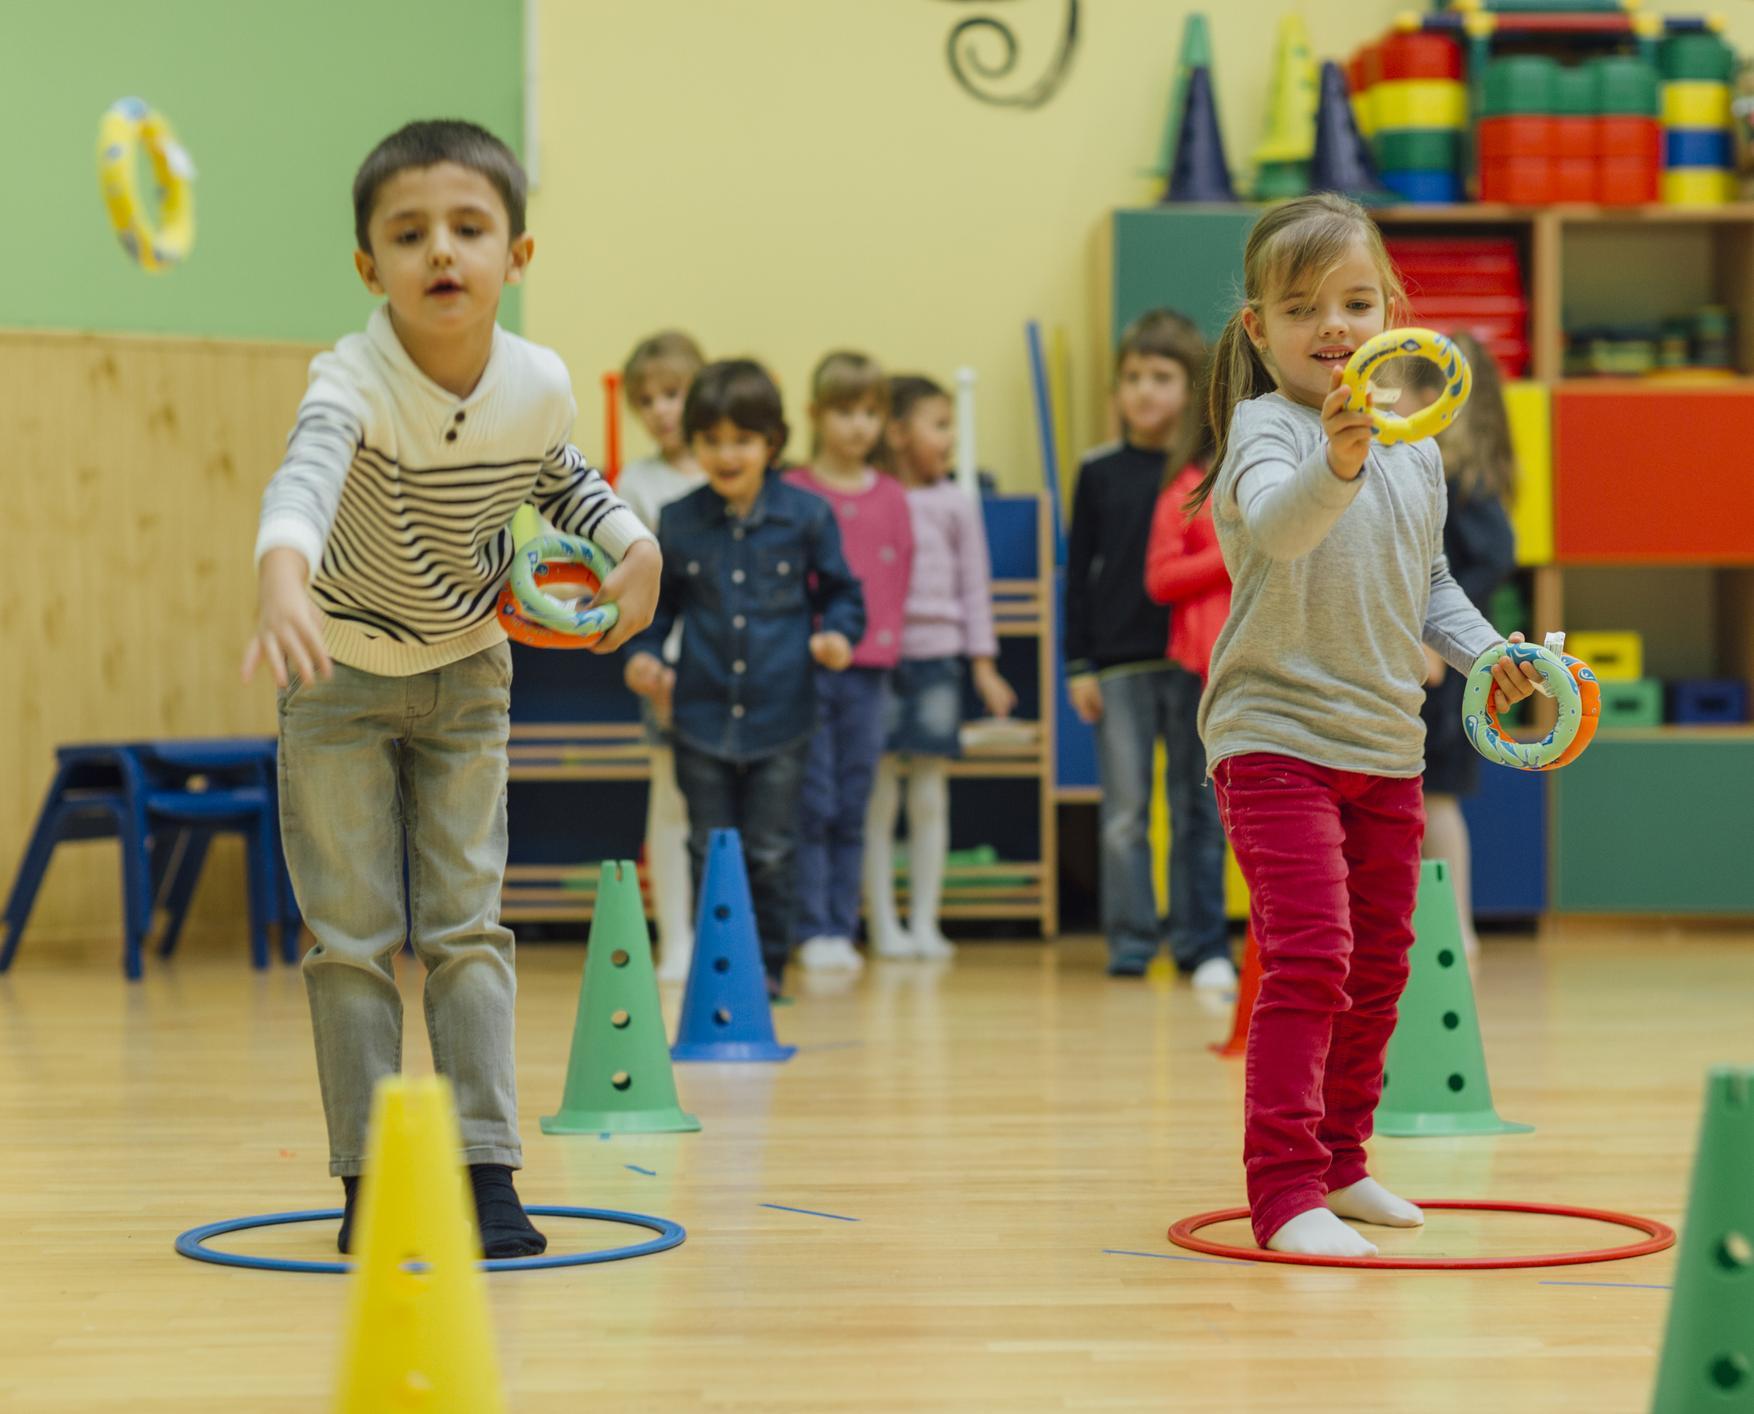 La salle de jeux : les ateliers sportifs